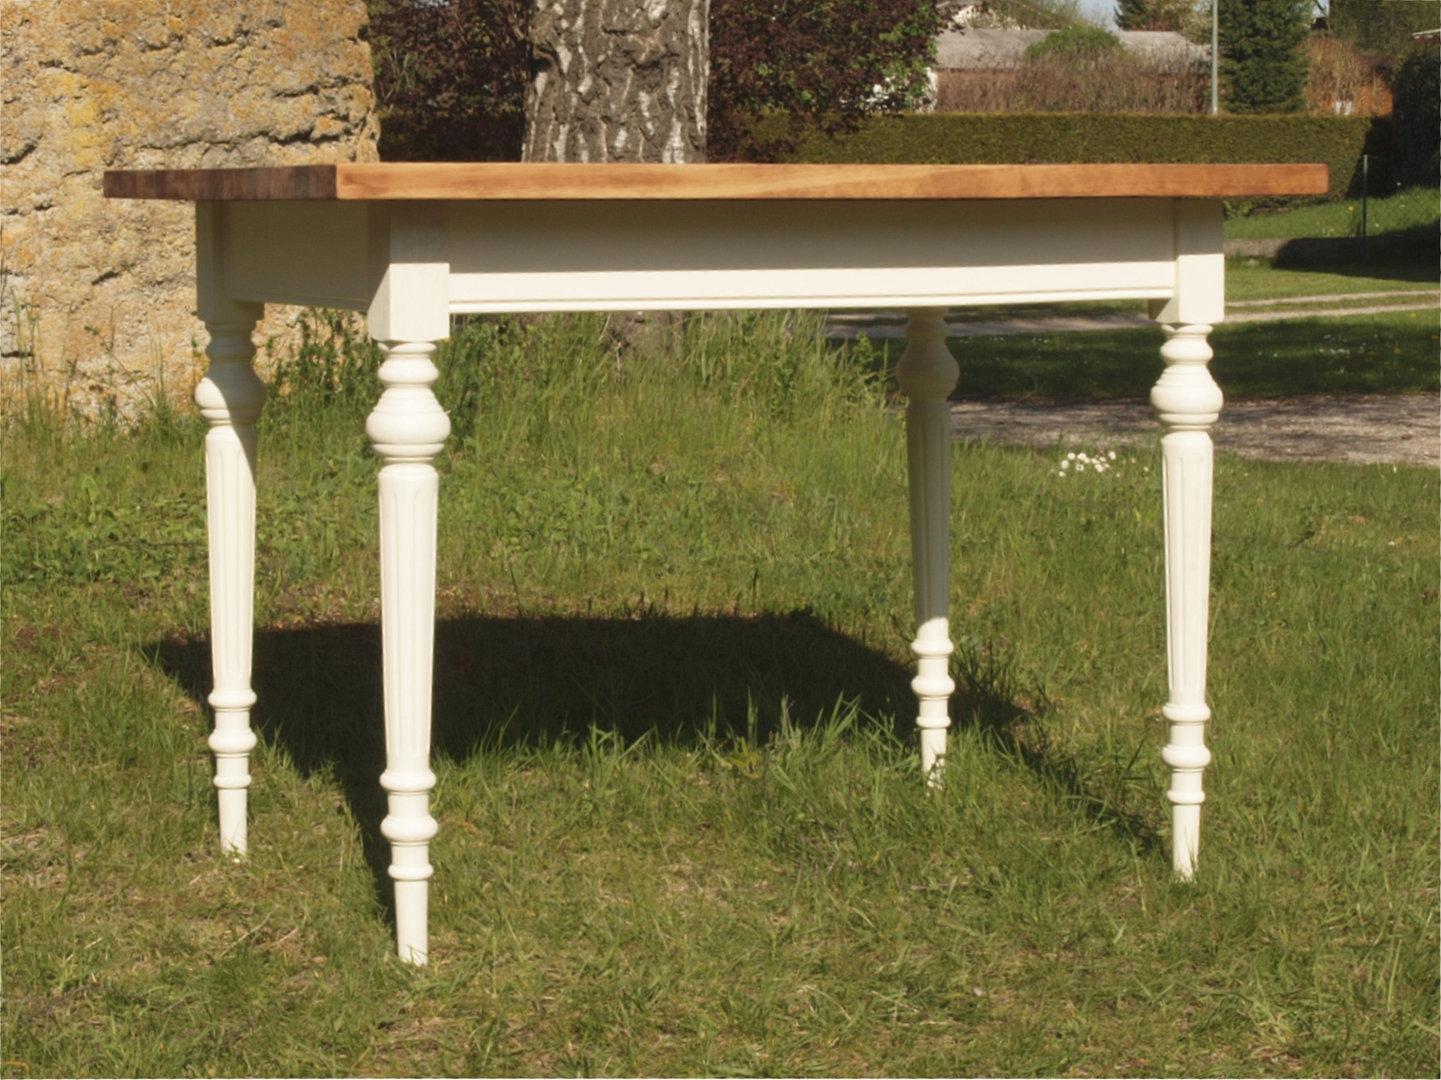 esstisch tisch massivholz fichte 120 x 80 cm nachbau antik m bel antiquit ten alling bei. Black Bedroom Furniture Sets. Home Design Ideas